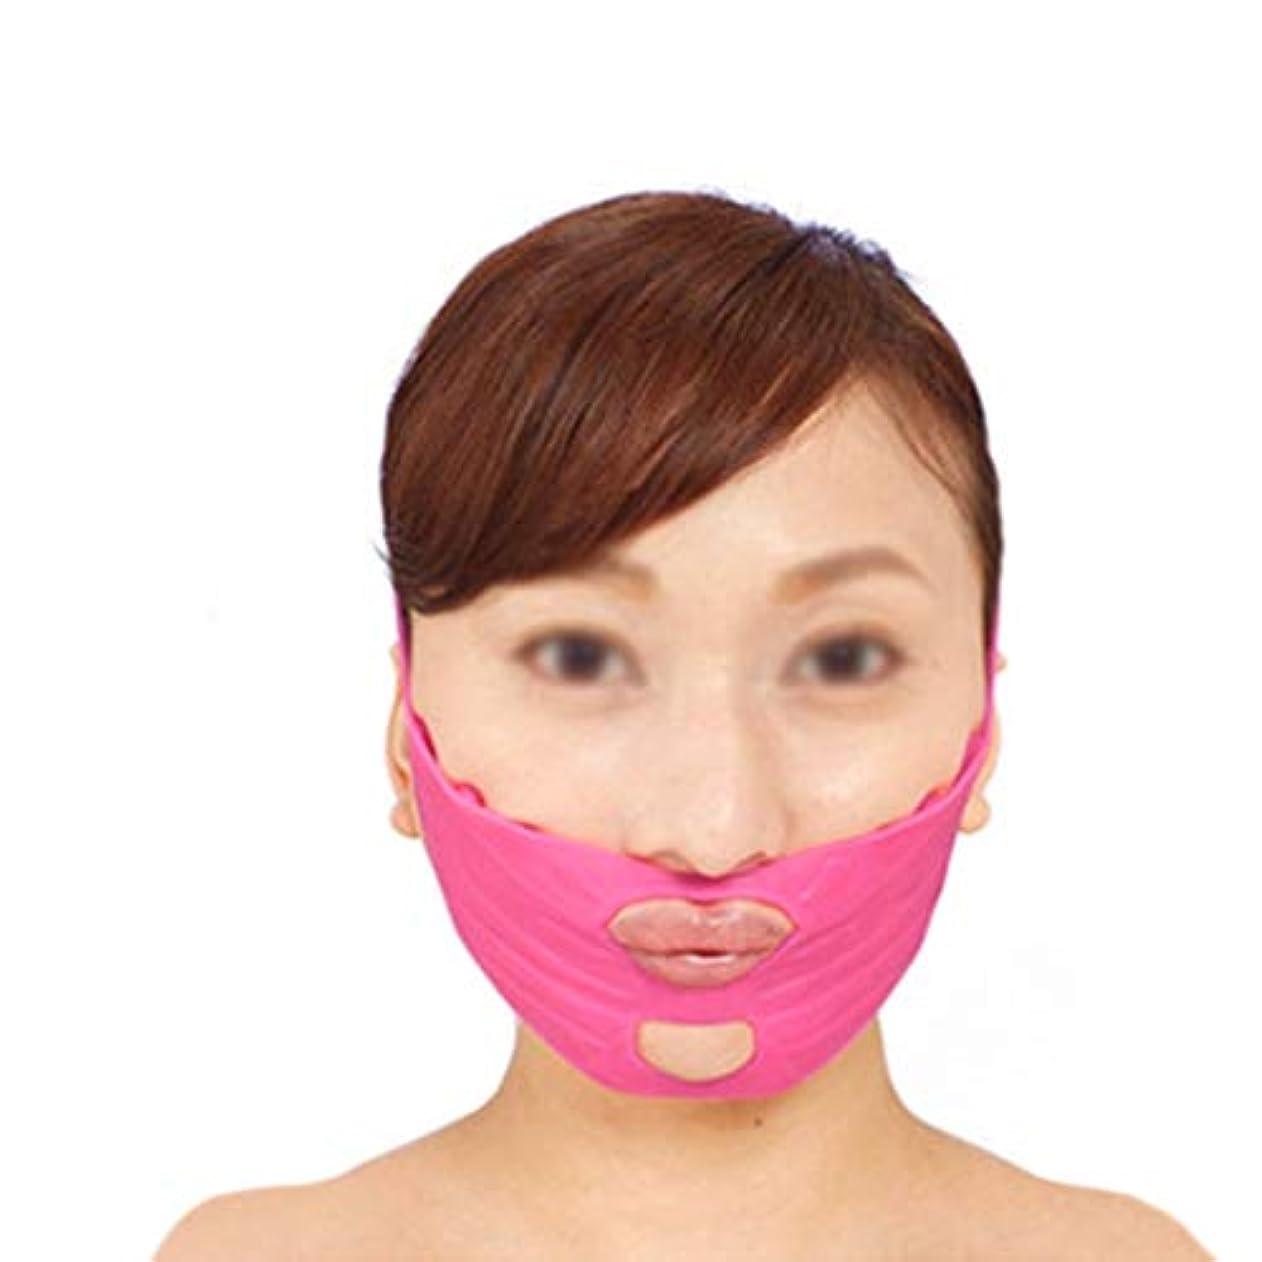 温室インテリア接尾辞XHLMRMJ フェイスストラップ付きマスク、プルアップフェイスマスク、フェイスリフティングマスク、フェイス締め付け包帯、フェイスリフティング包帯、フェイスバンドを持ち上げて二重あごを減らす(ピンク、ワンサイズ)